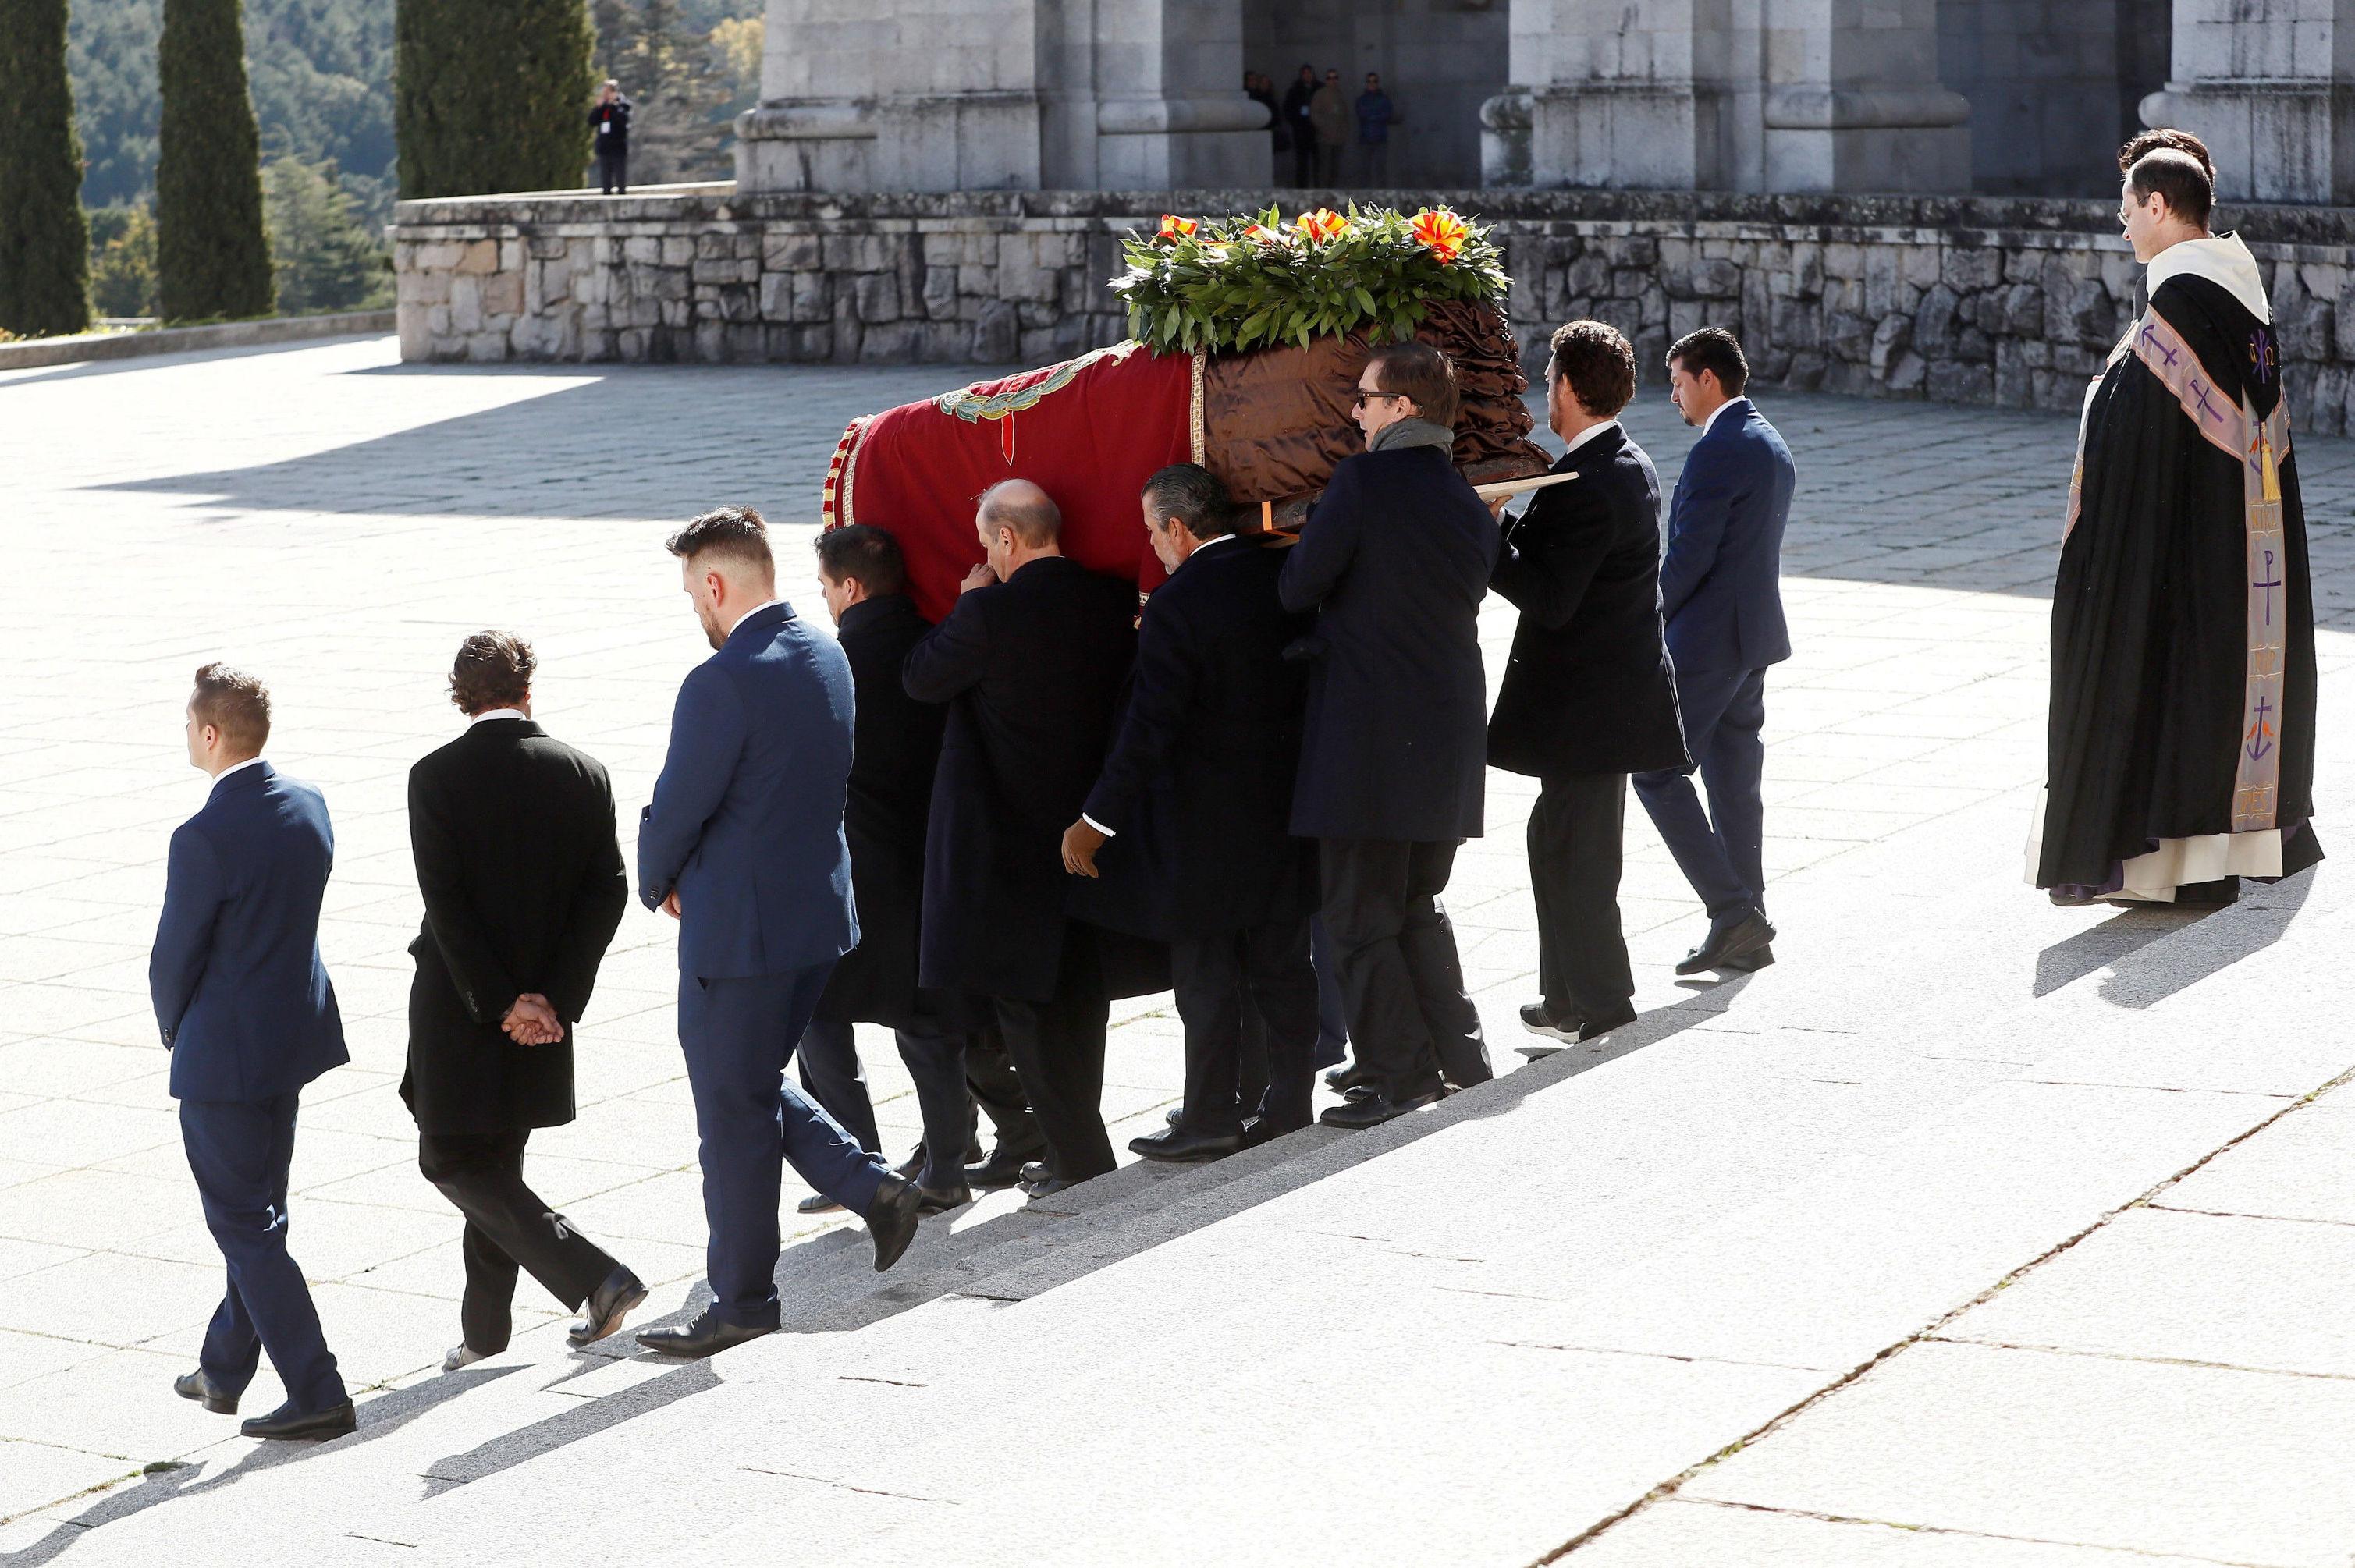 Familiares de Francisco Franco cargan el ataúd con los restos del dictador